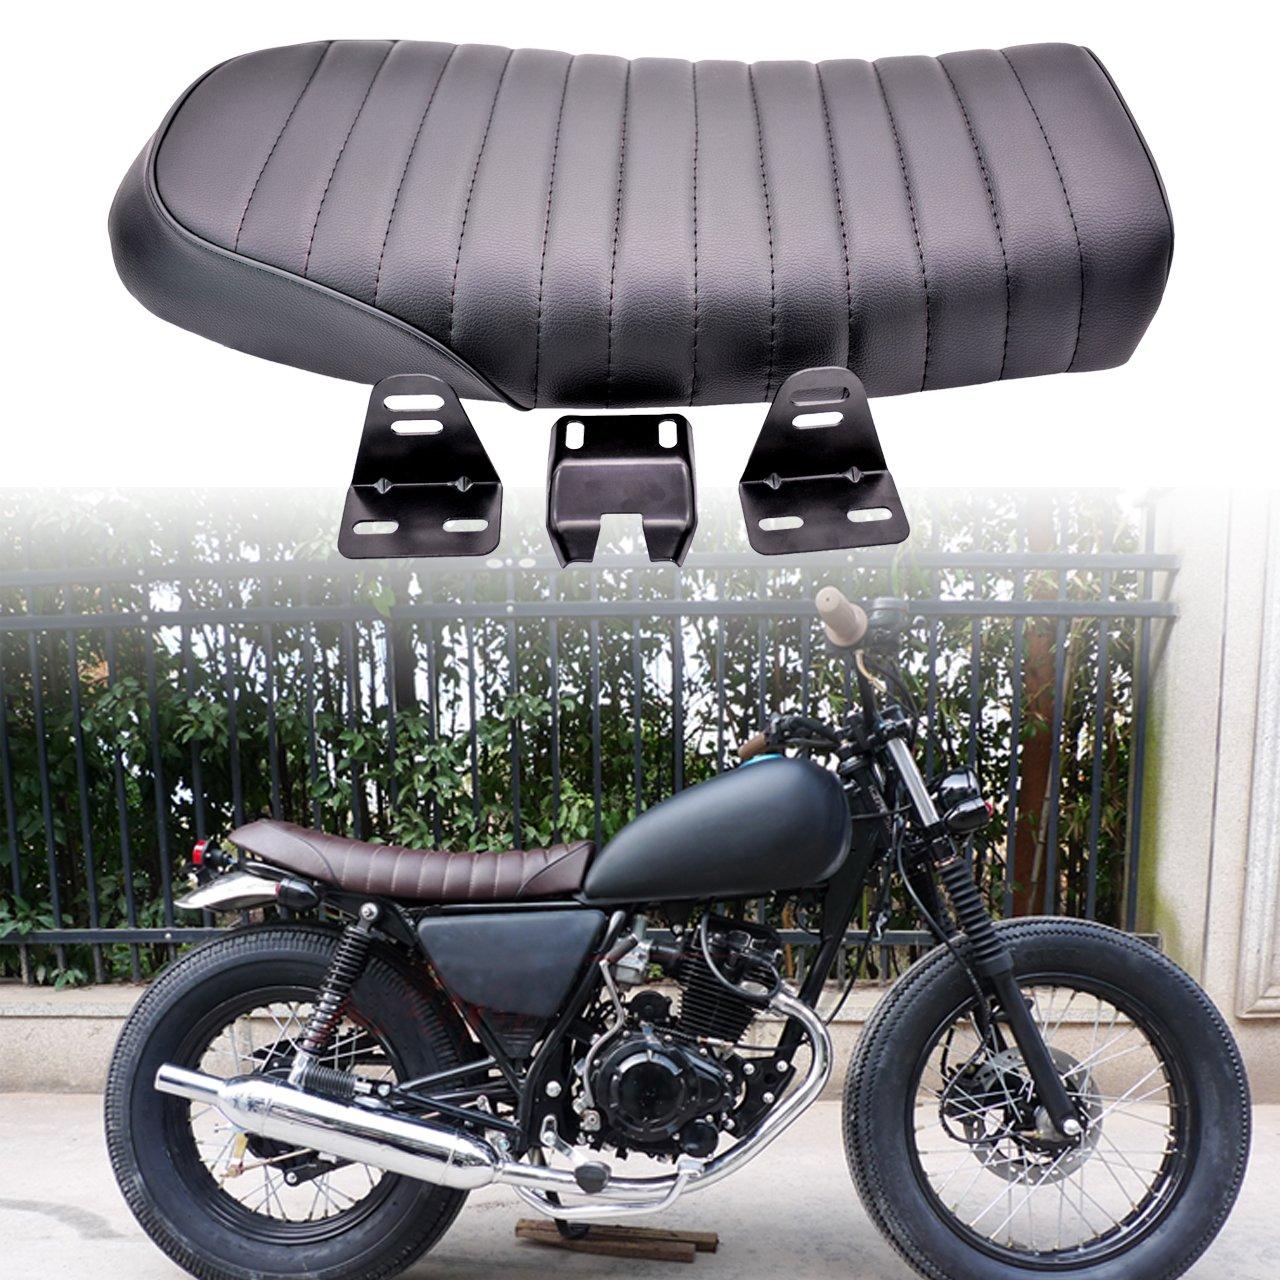 Sillí n KaTur acolchado, universal, plano, de estilo vintage 'Cafe Racer', de color negro y para motocicletas Honda de estilo vintage Cafe Racer